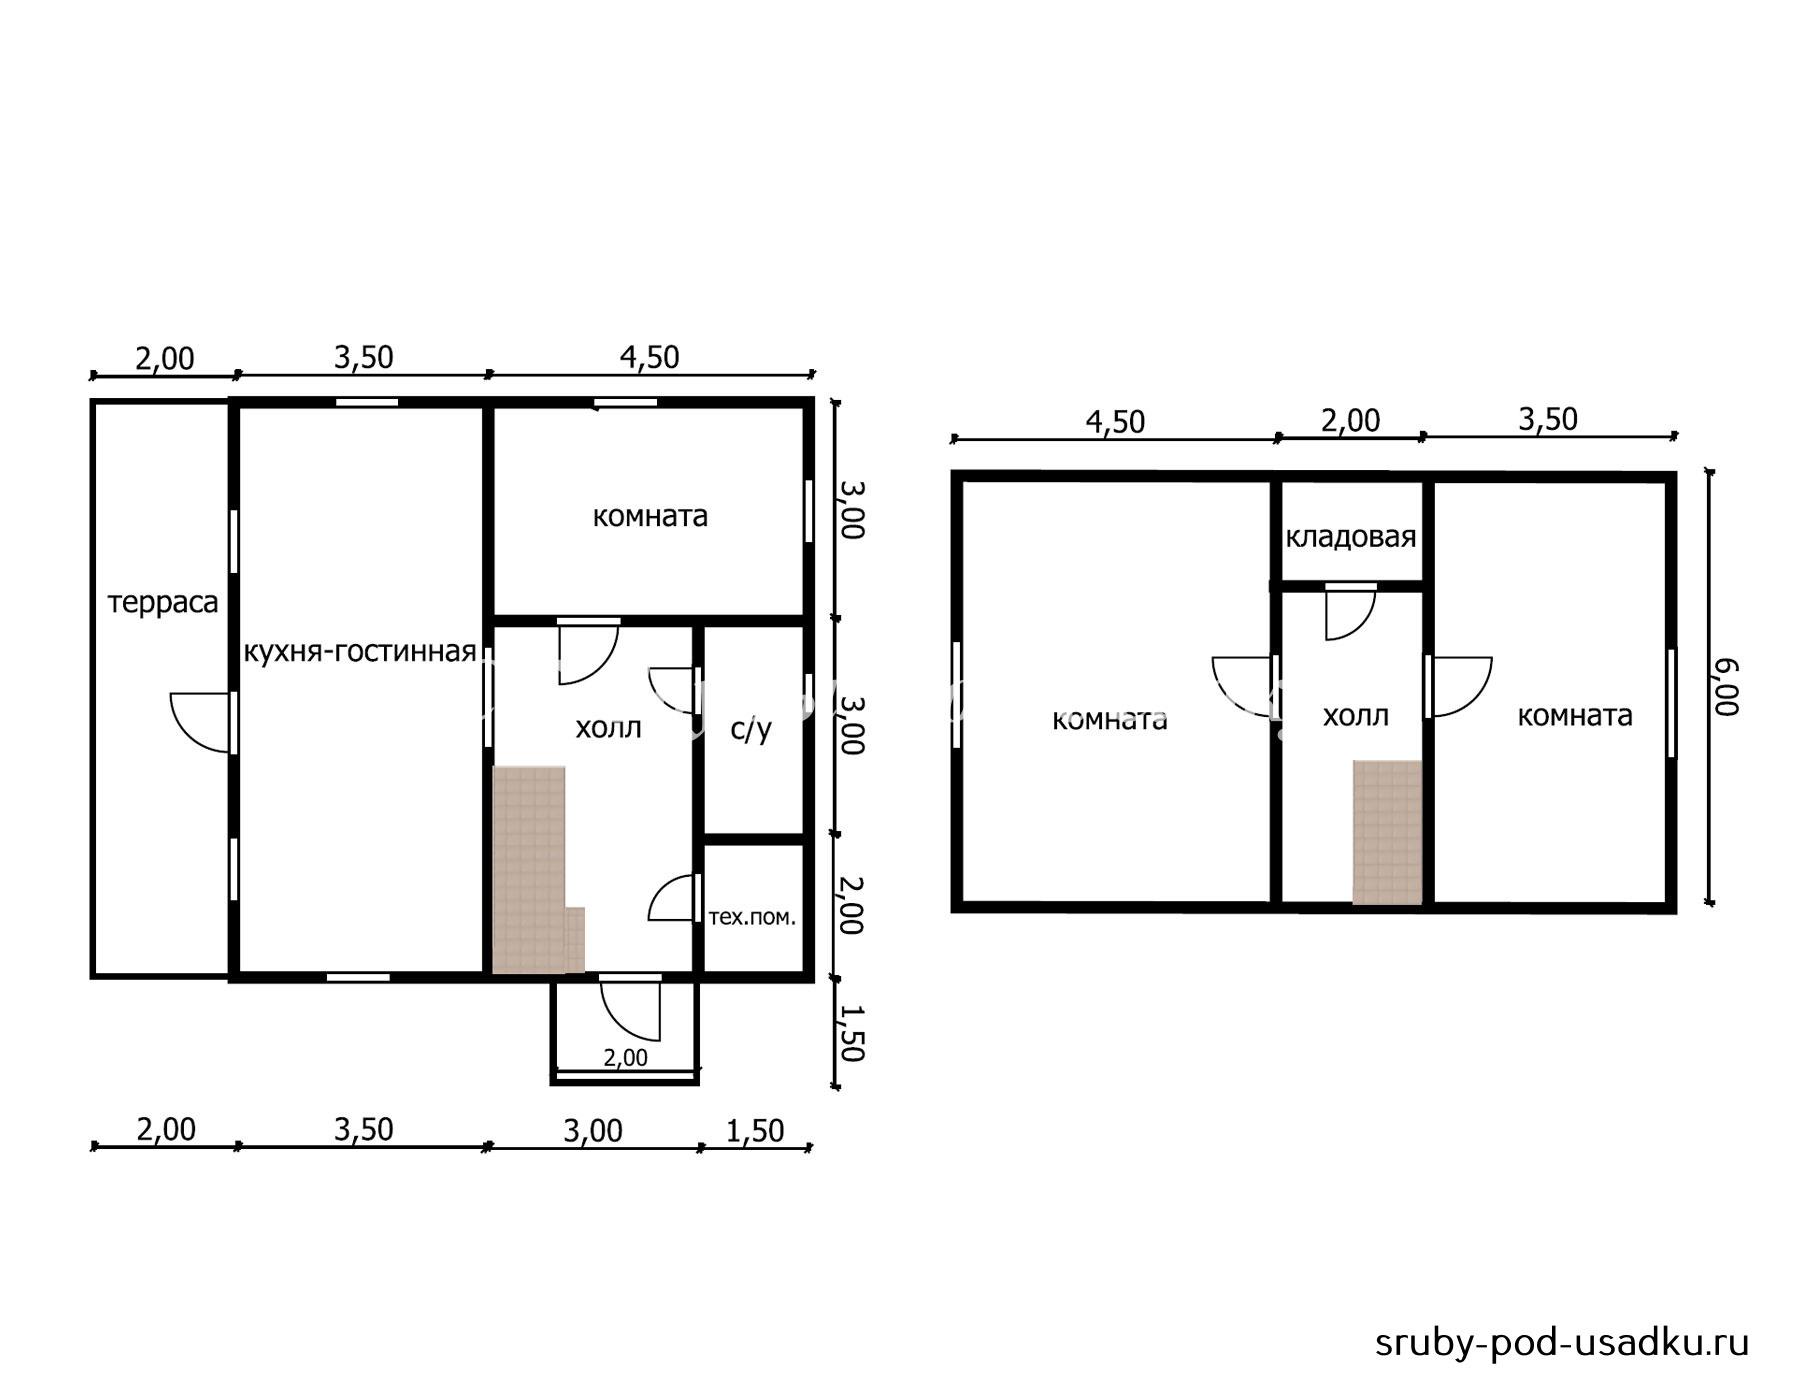 Дом из бруса под усадку 8х10 м №42